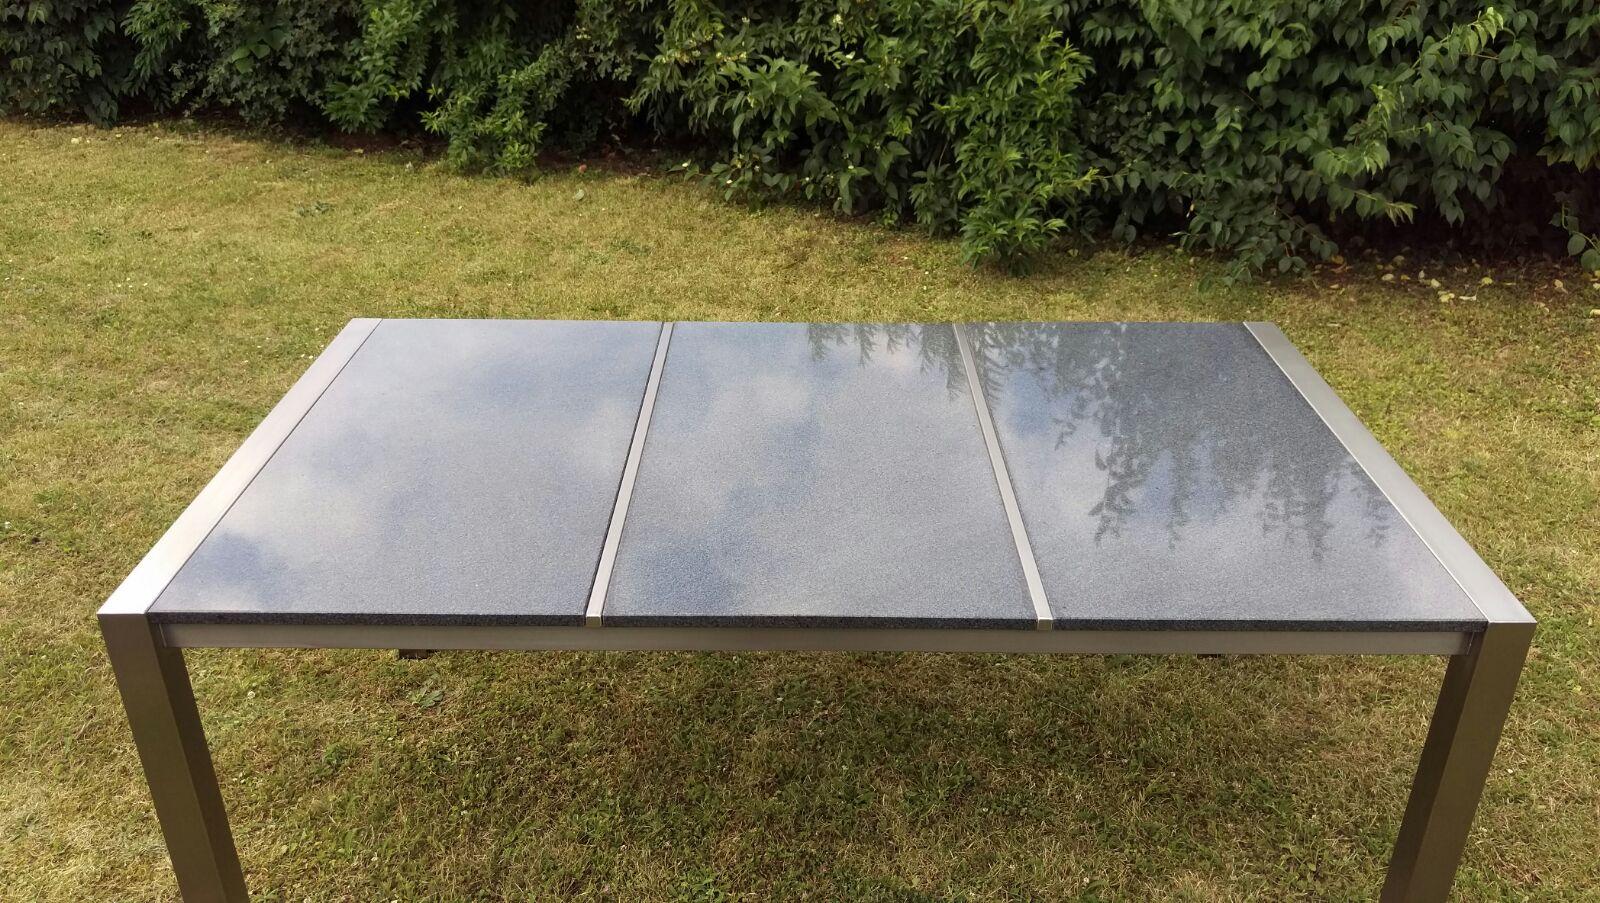 gartentisch edelstahl granit ebay. Black Bedroom Furniture Sets. Home Design Ideas